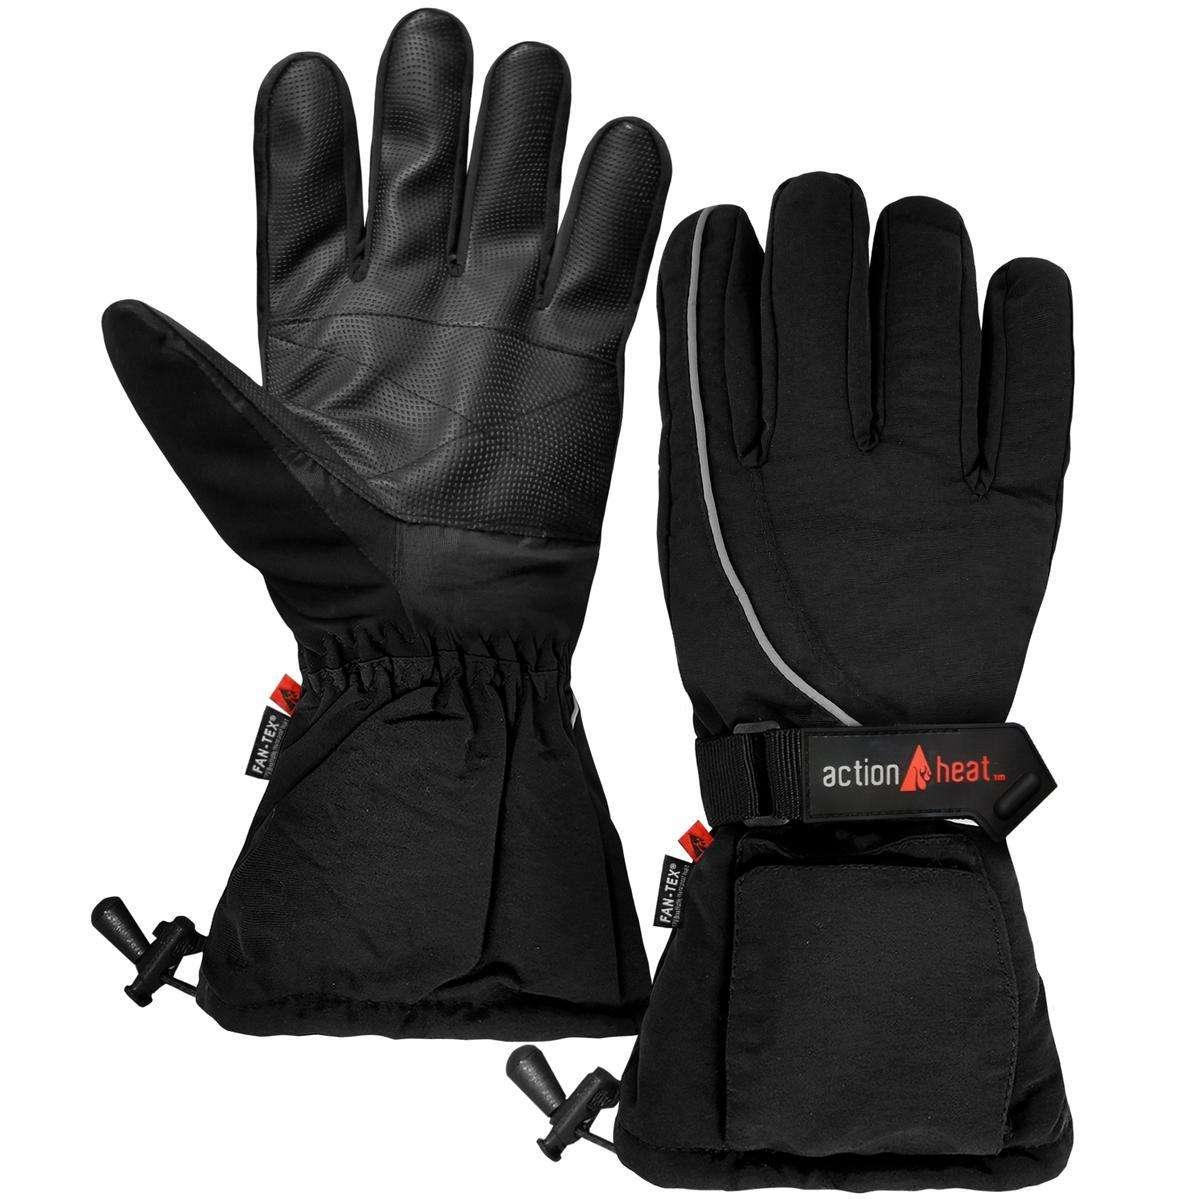 ActionHeat AA Battery Heated Gloves – Men's